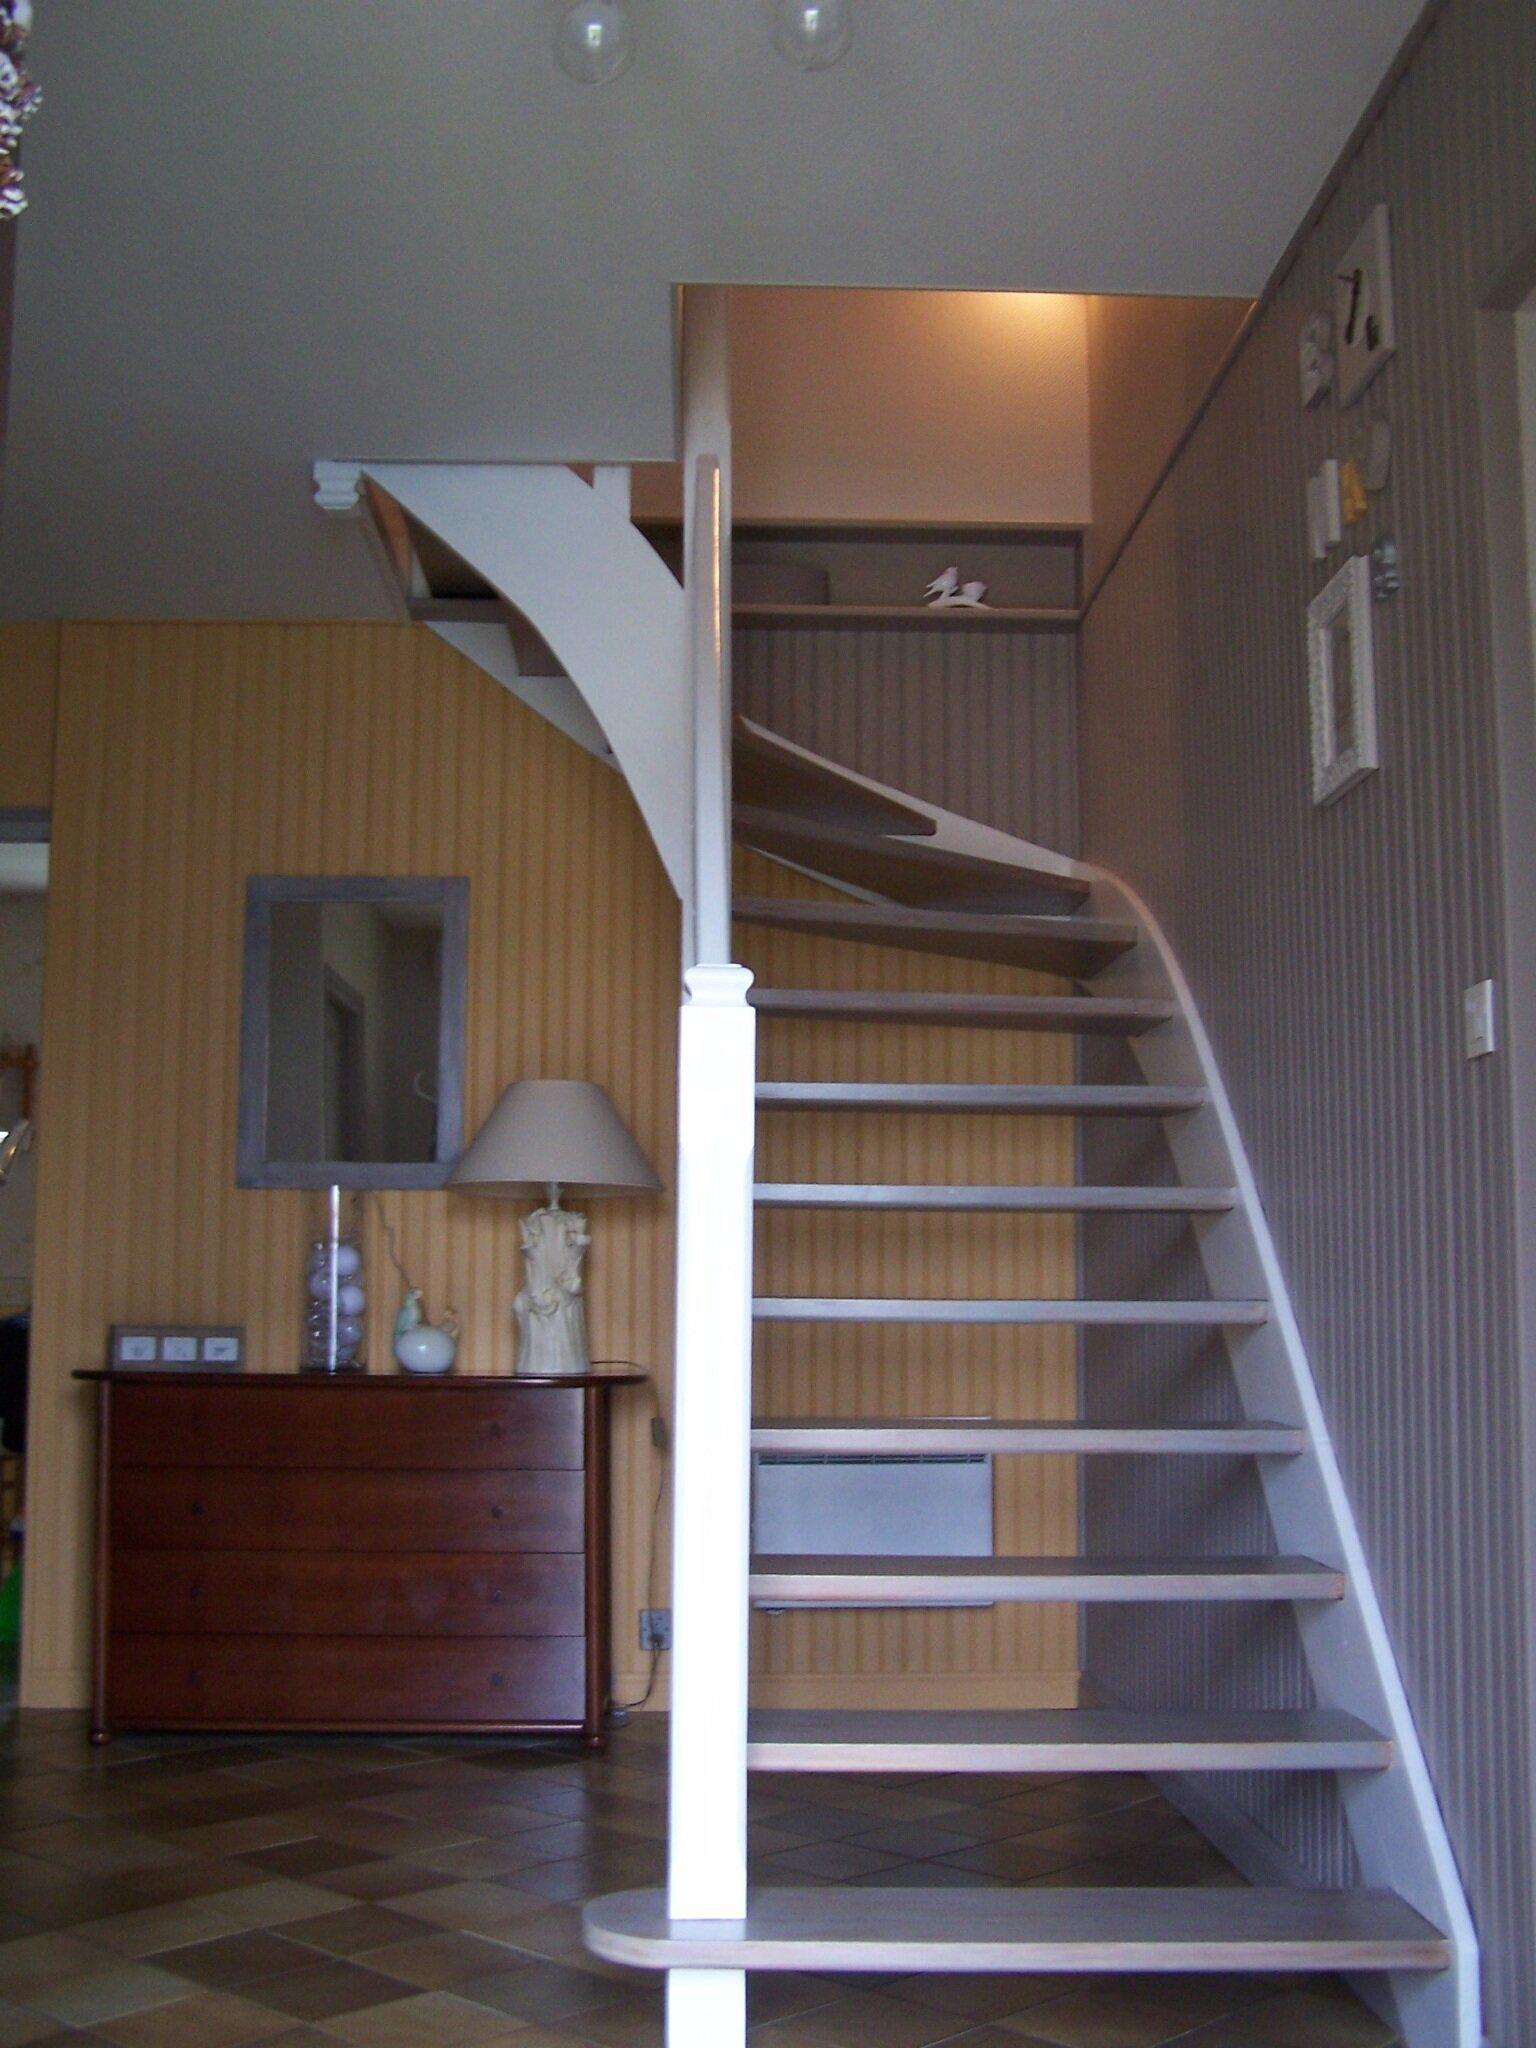 Relooking entr e avec escalier claudine br ger for Entree avec escalier